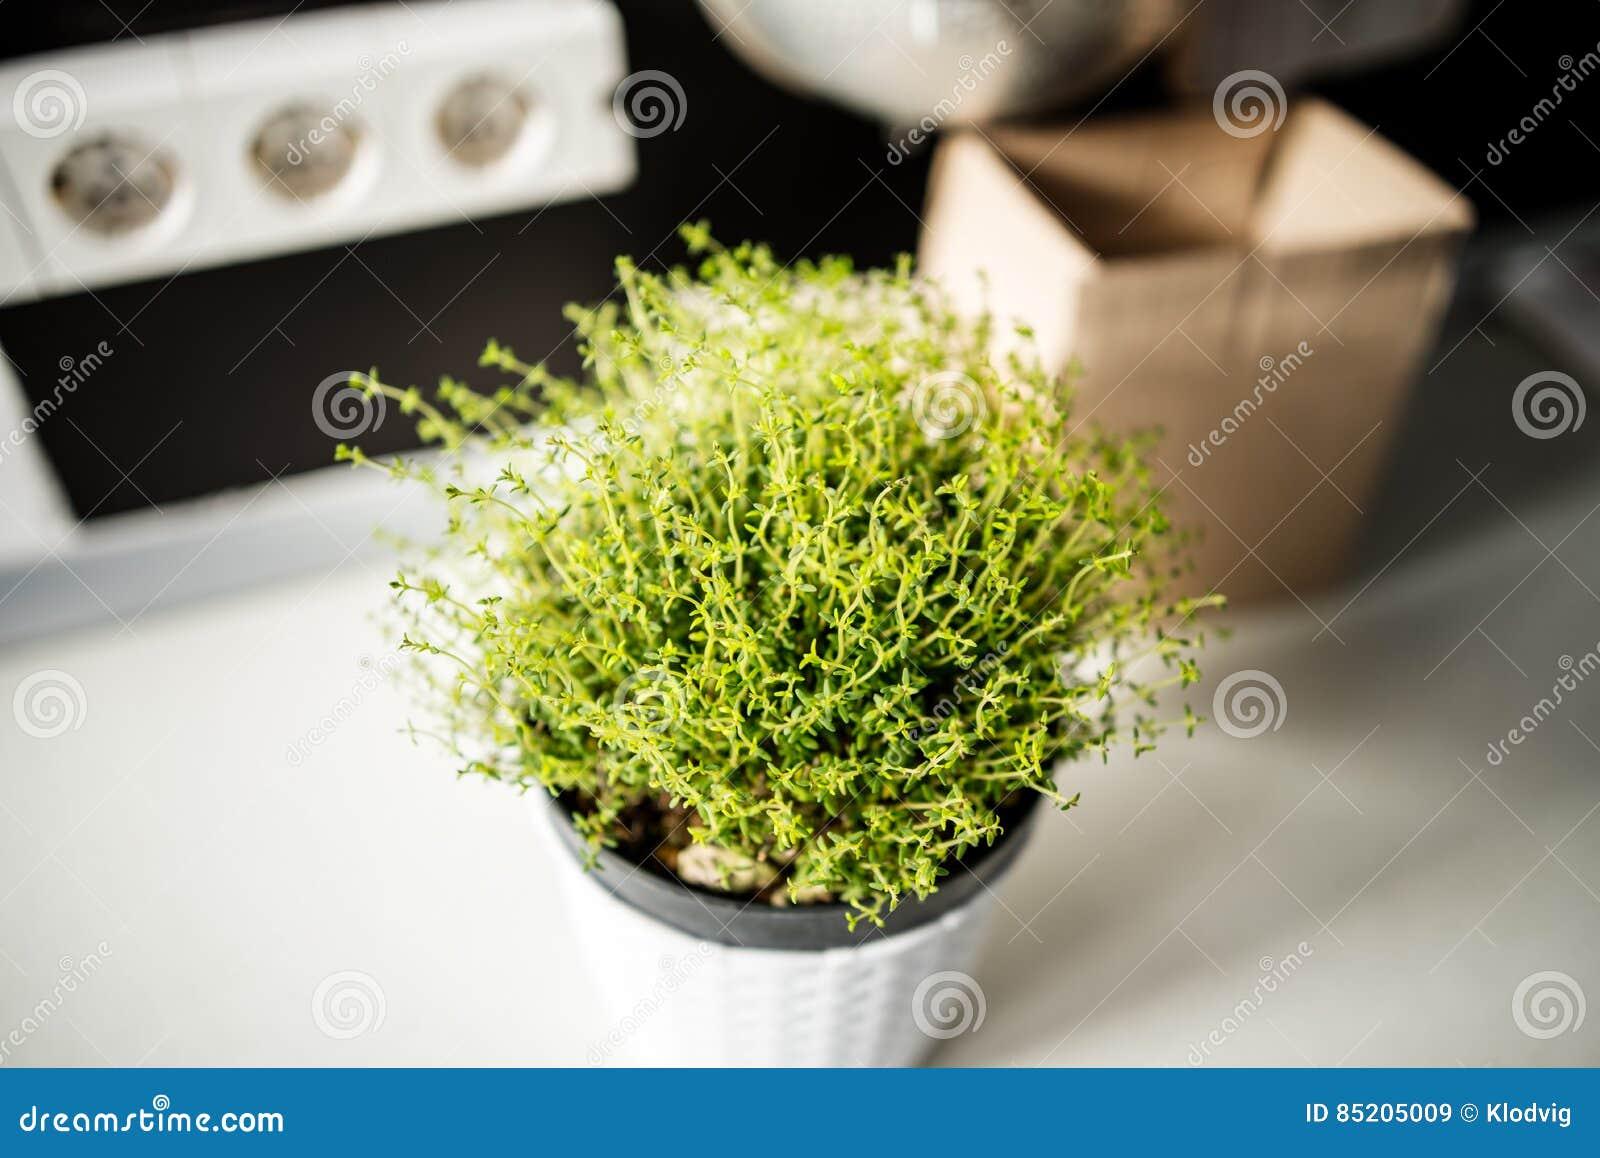 Pianta del timo in cucina immagine stock. Immagine di timo - 85205009